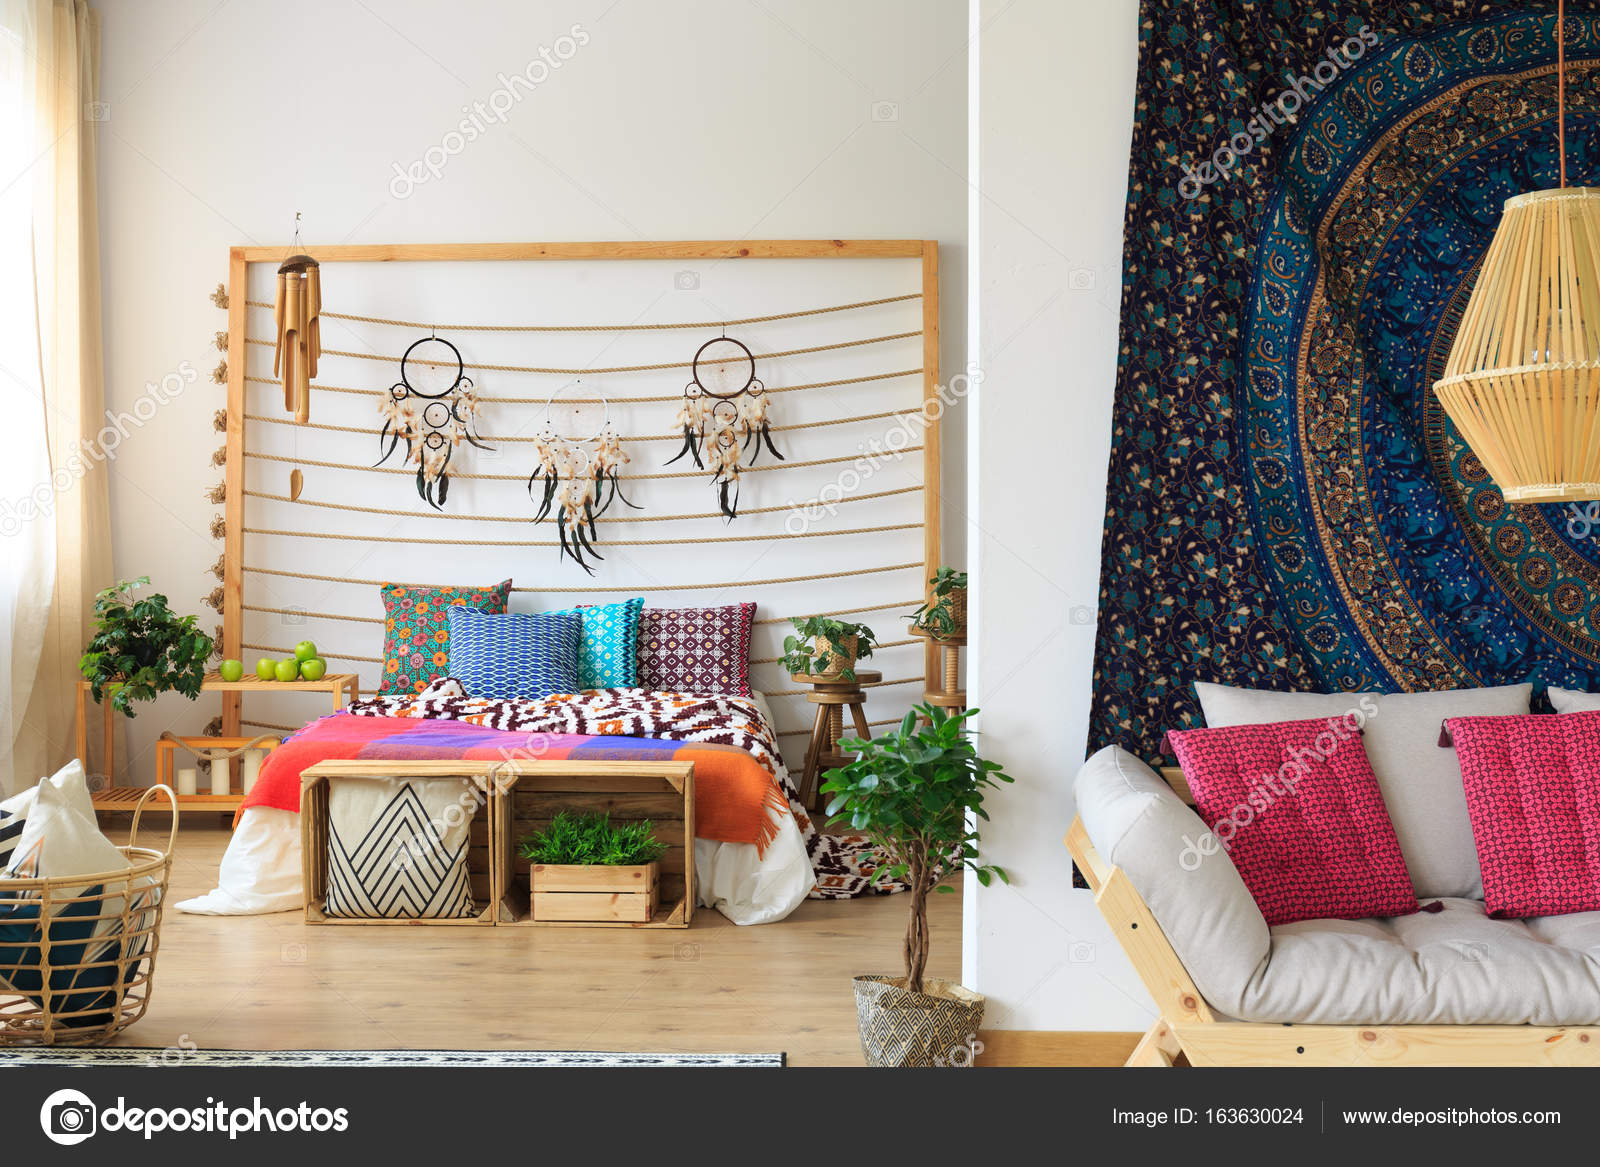 Schlafzimmer Bunt bunte schlafzimmer mit dreamcatcher dekoration — stockfoto